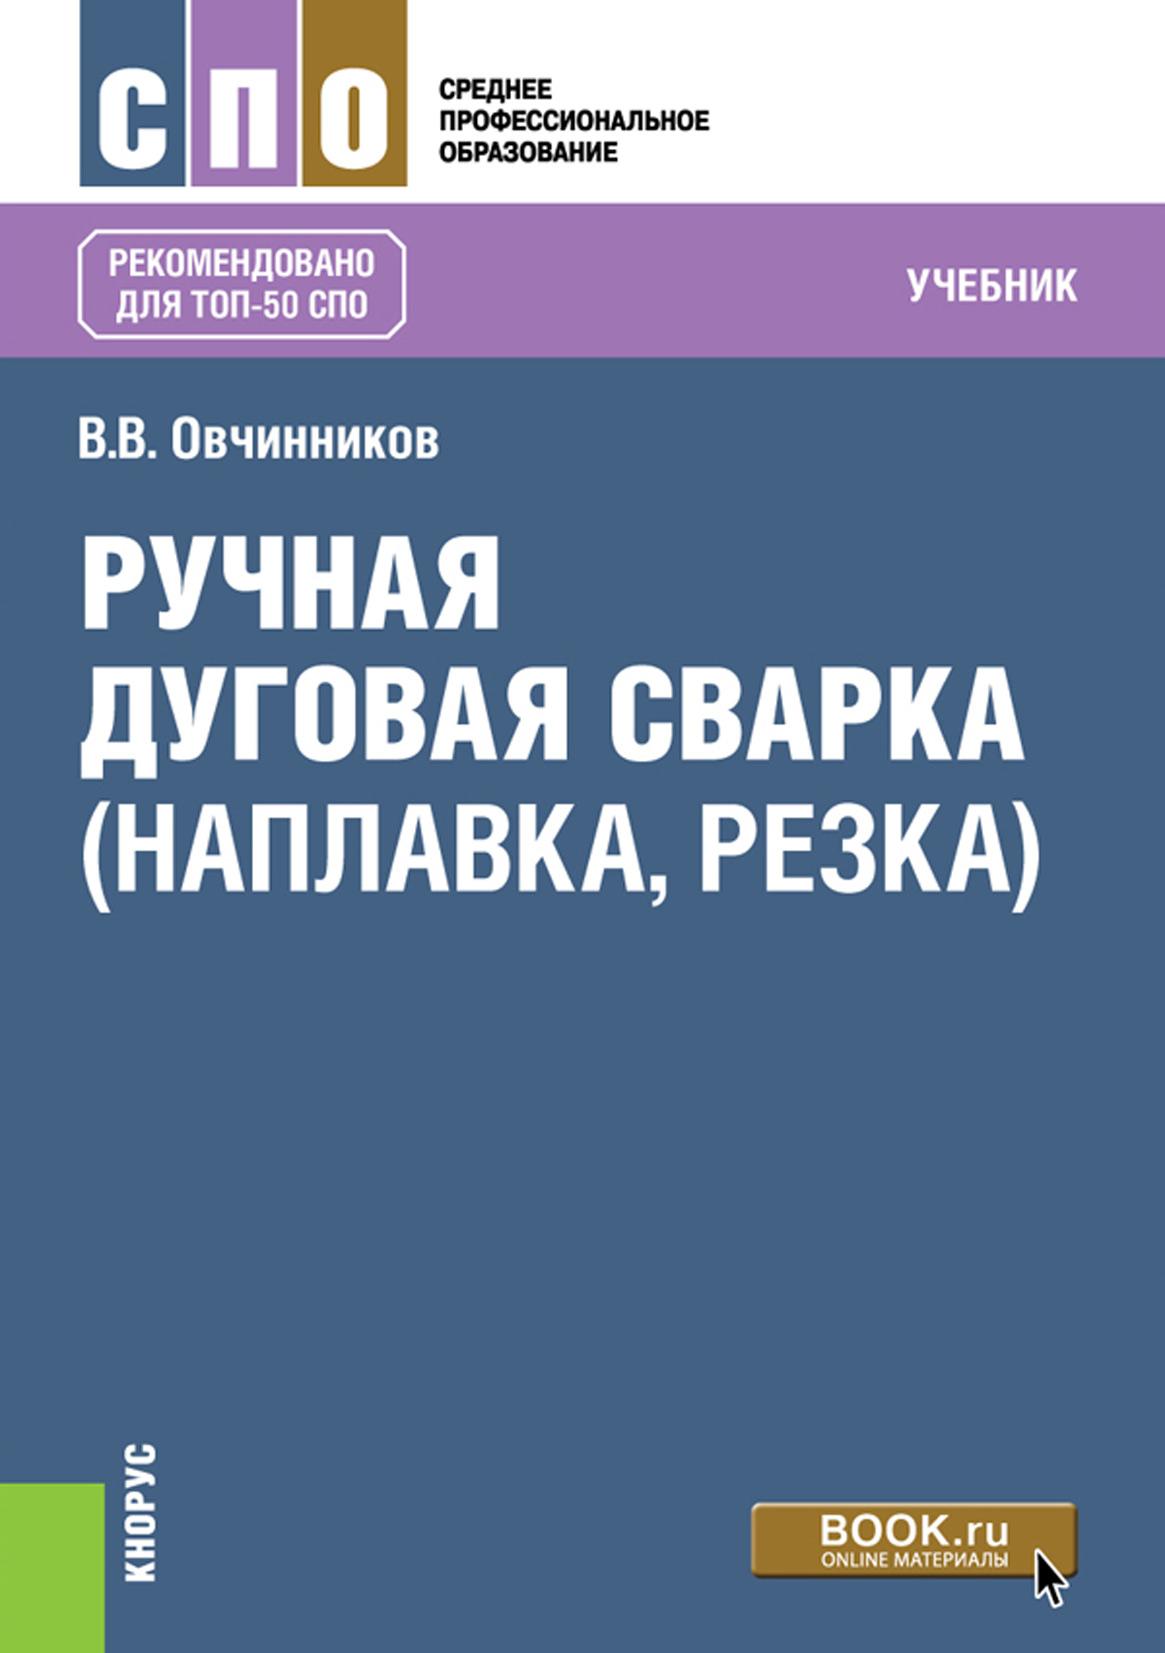 В. В. Овчинников Ручная дуговая сварка (наплавка, резка)